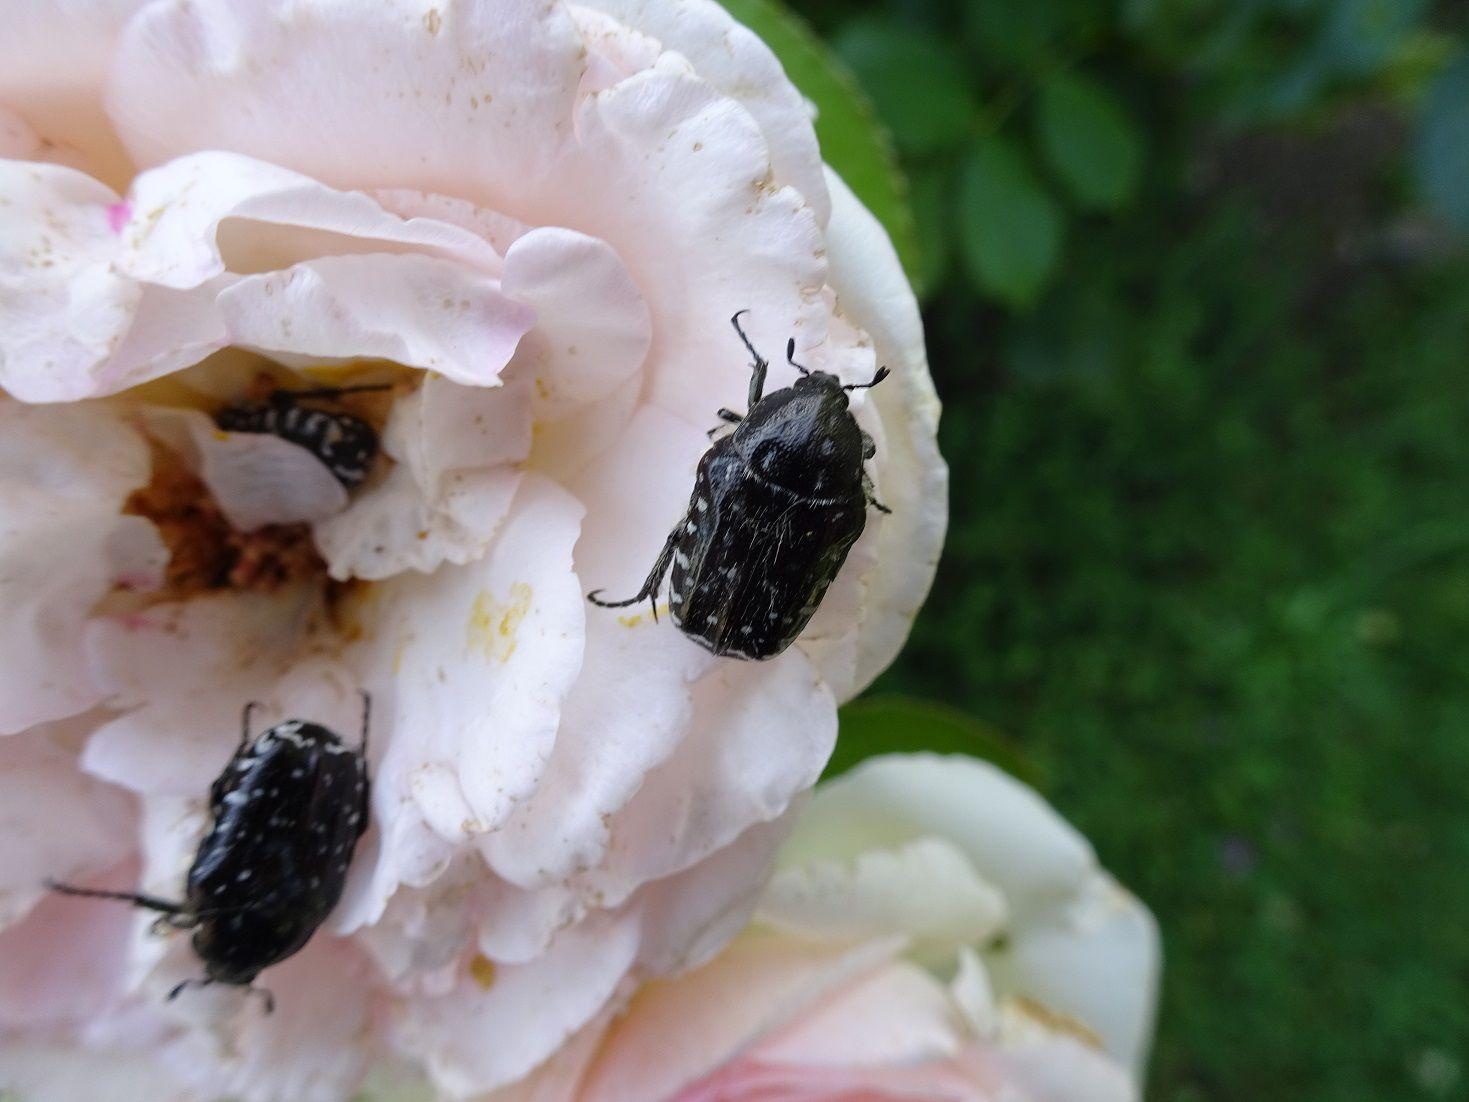 Quelques surprises de la nature photographiées par nos jardiniers